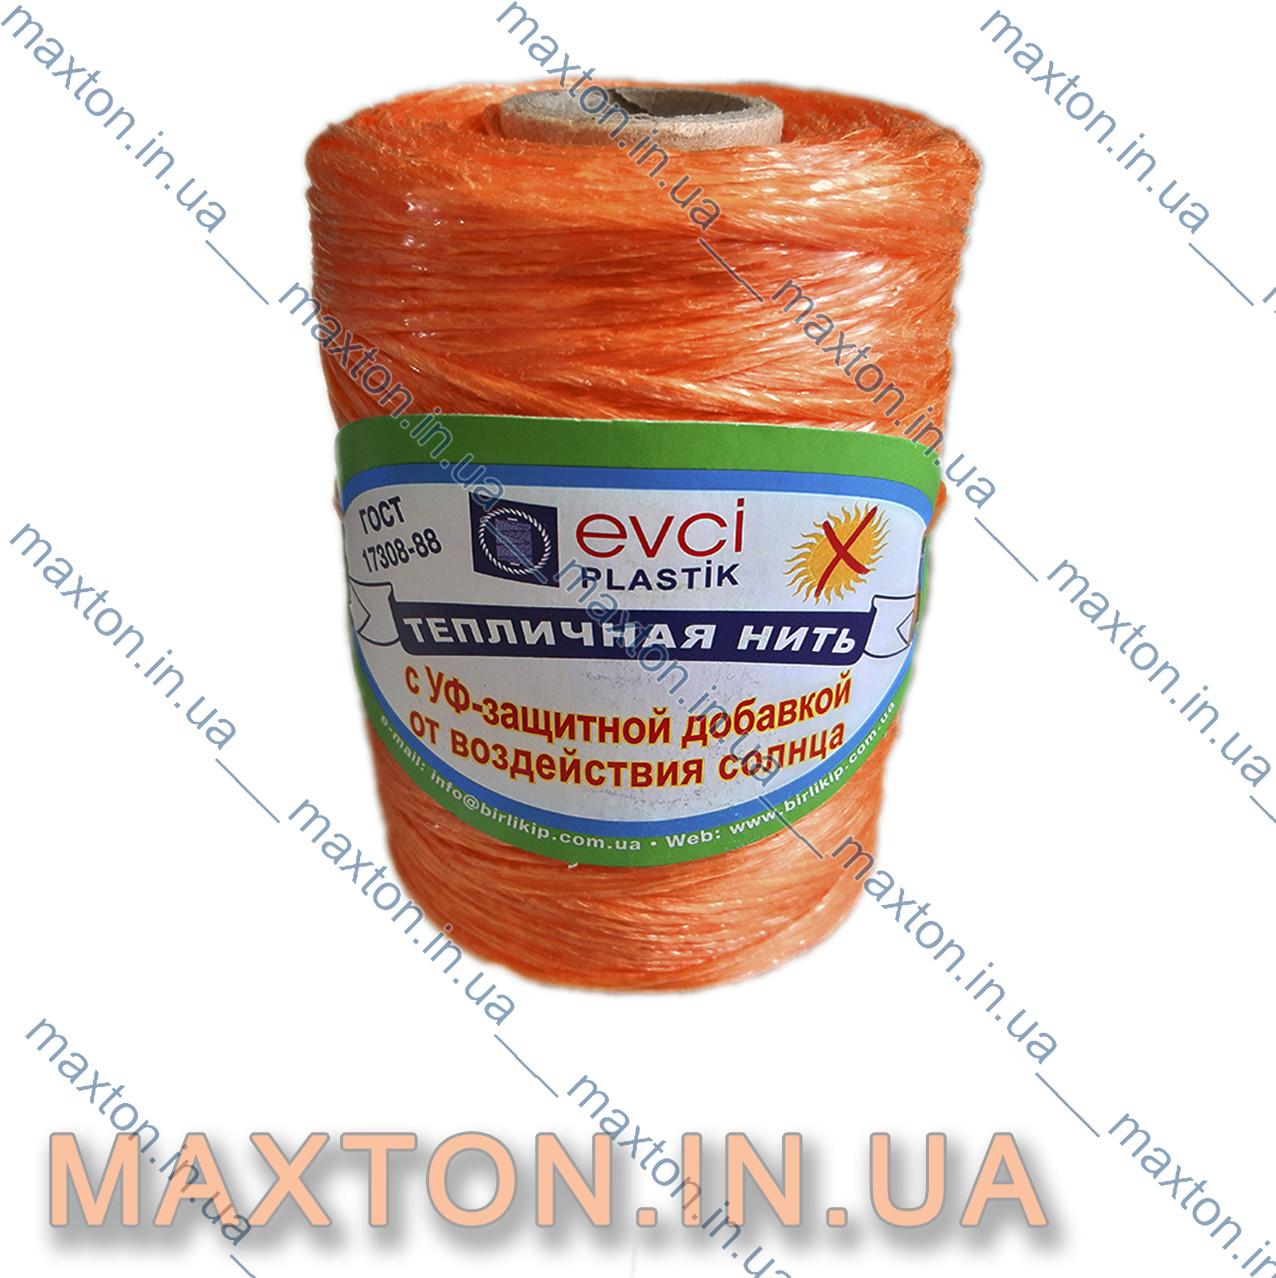 Шпагат полипропиленовый 250 с УФ добавкой от воздействия солнца оранжевый